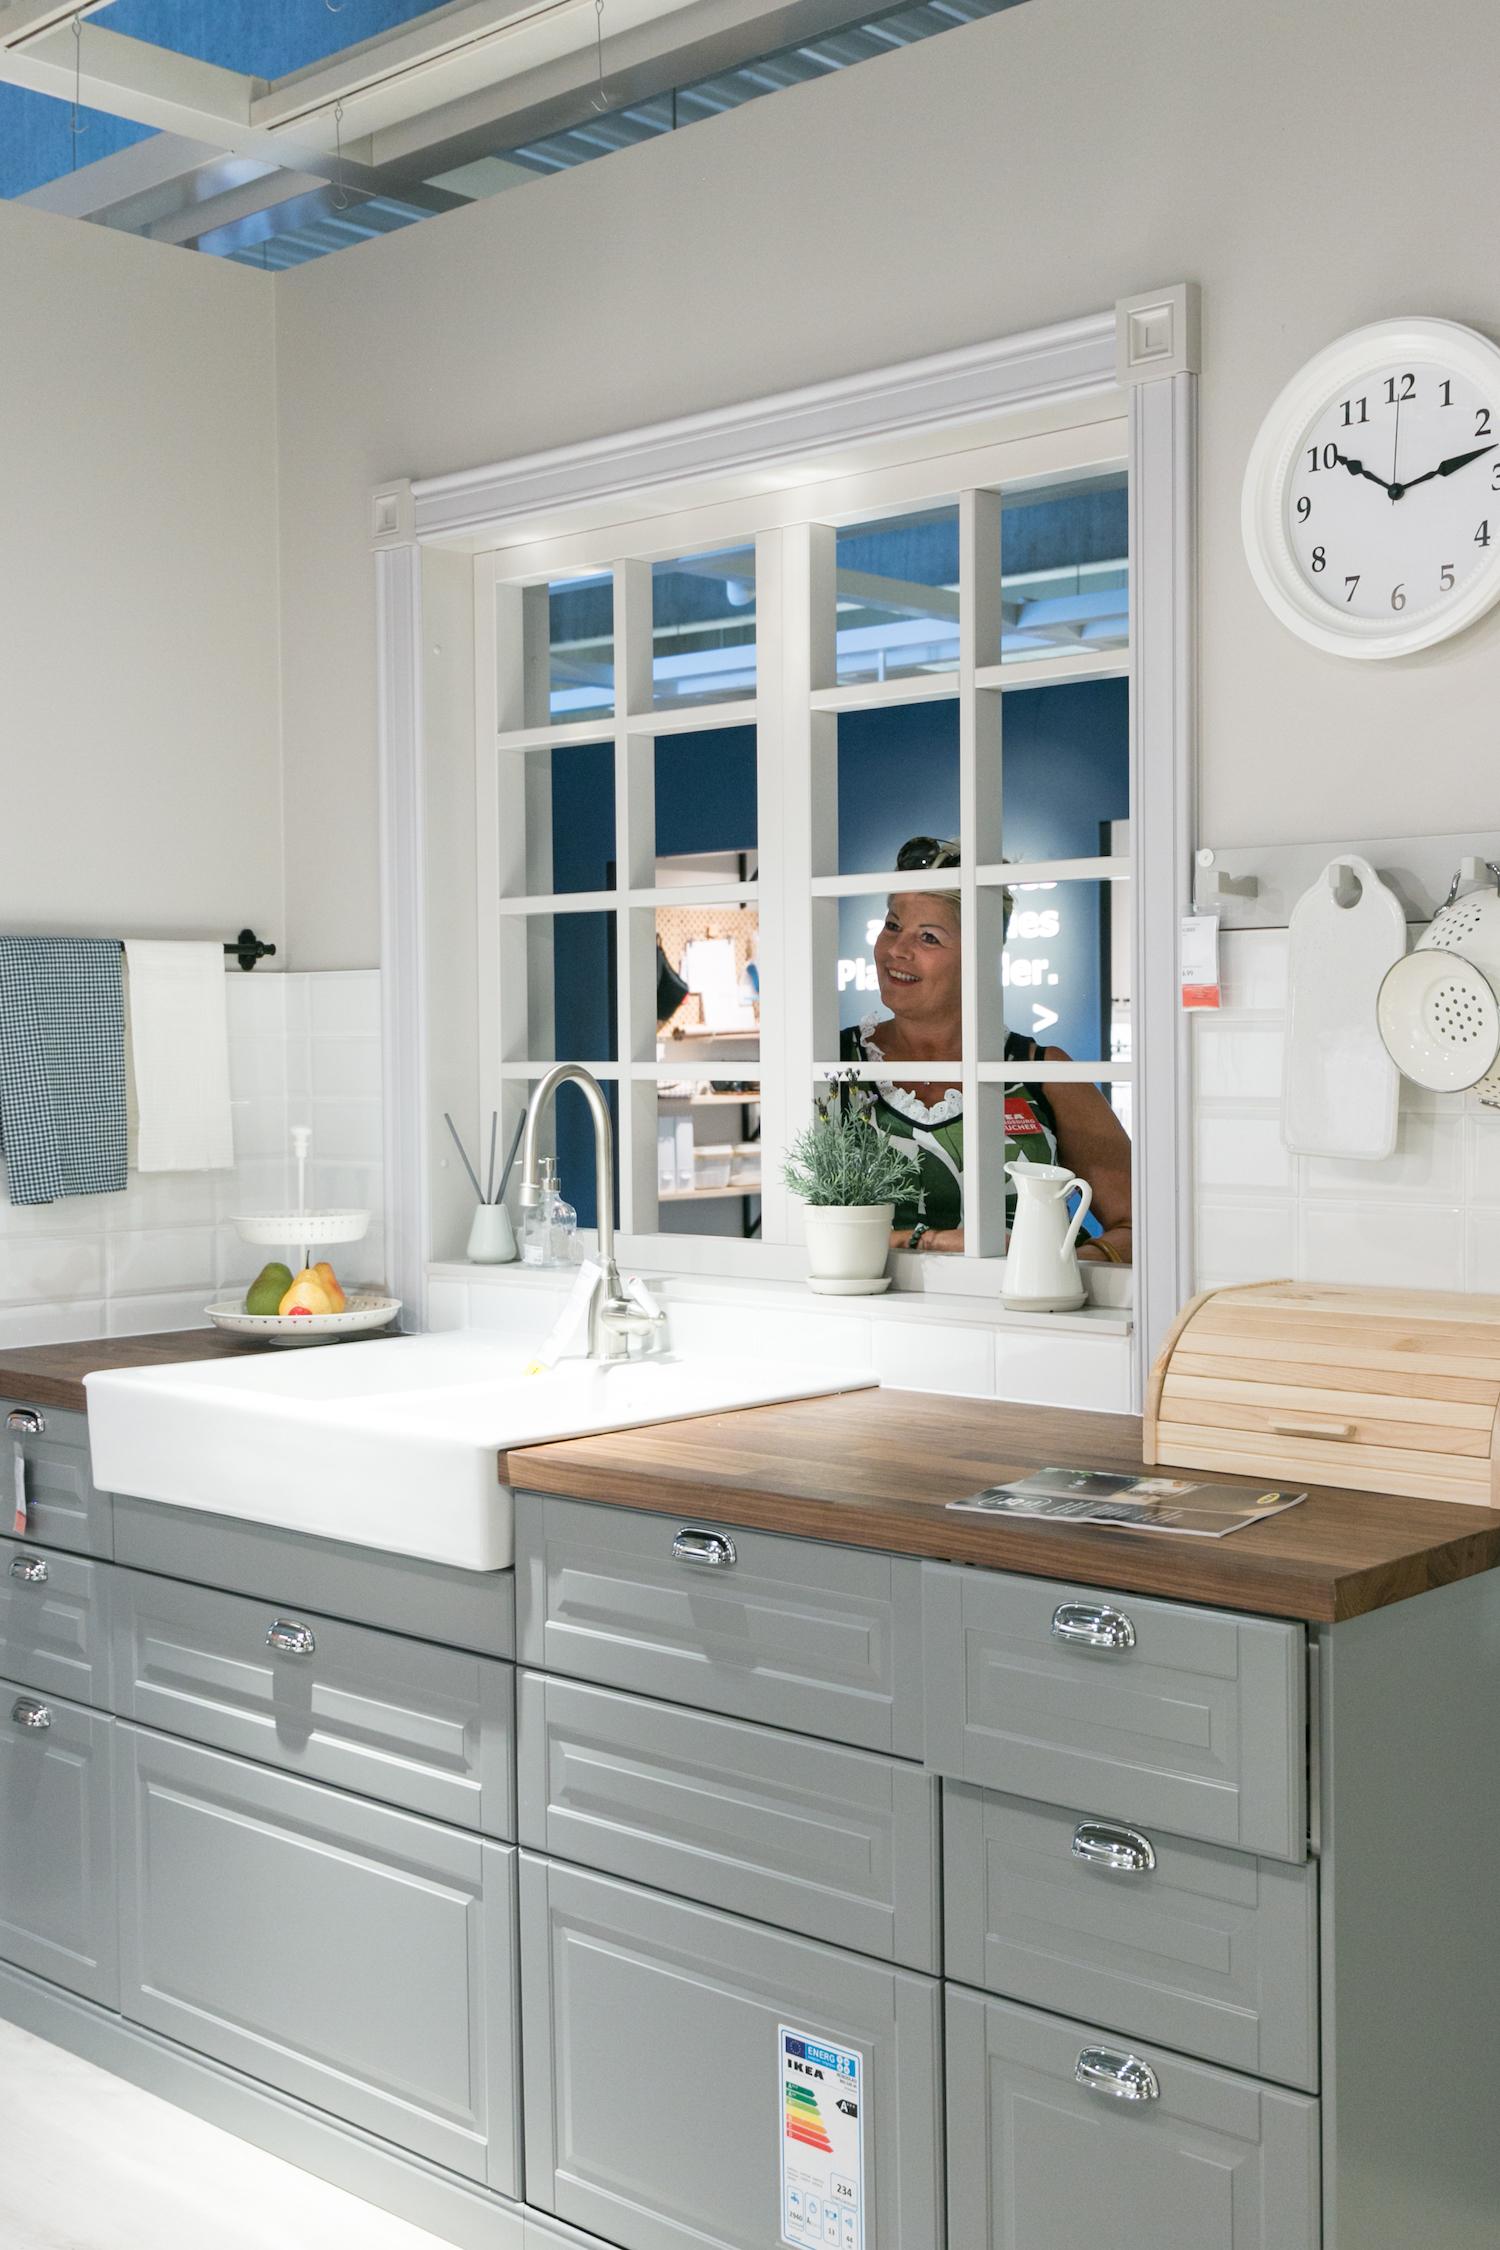 Full Size of Ikea Küche Faktum Landhaus Kuche Landhausstil Gebraucht Caseconradcom Weiße Aufbewahrungssystem Gardine Sideboard Mit Arbeitsplatte Schlafzimmer Bett Wohnzimmer Ikea Küche Faktum Landhaus